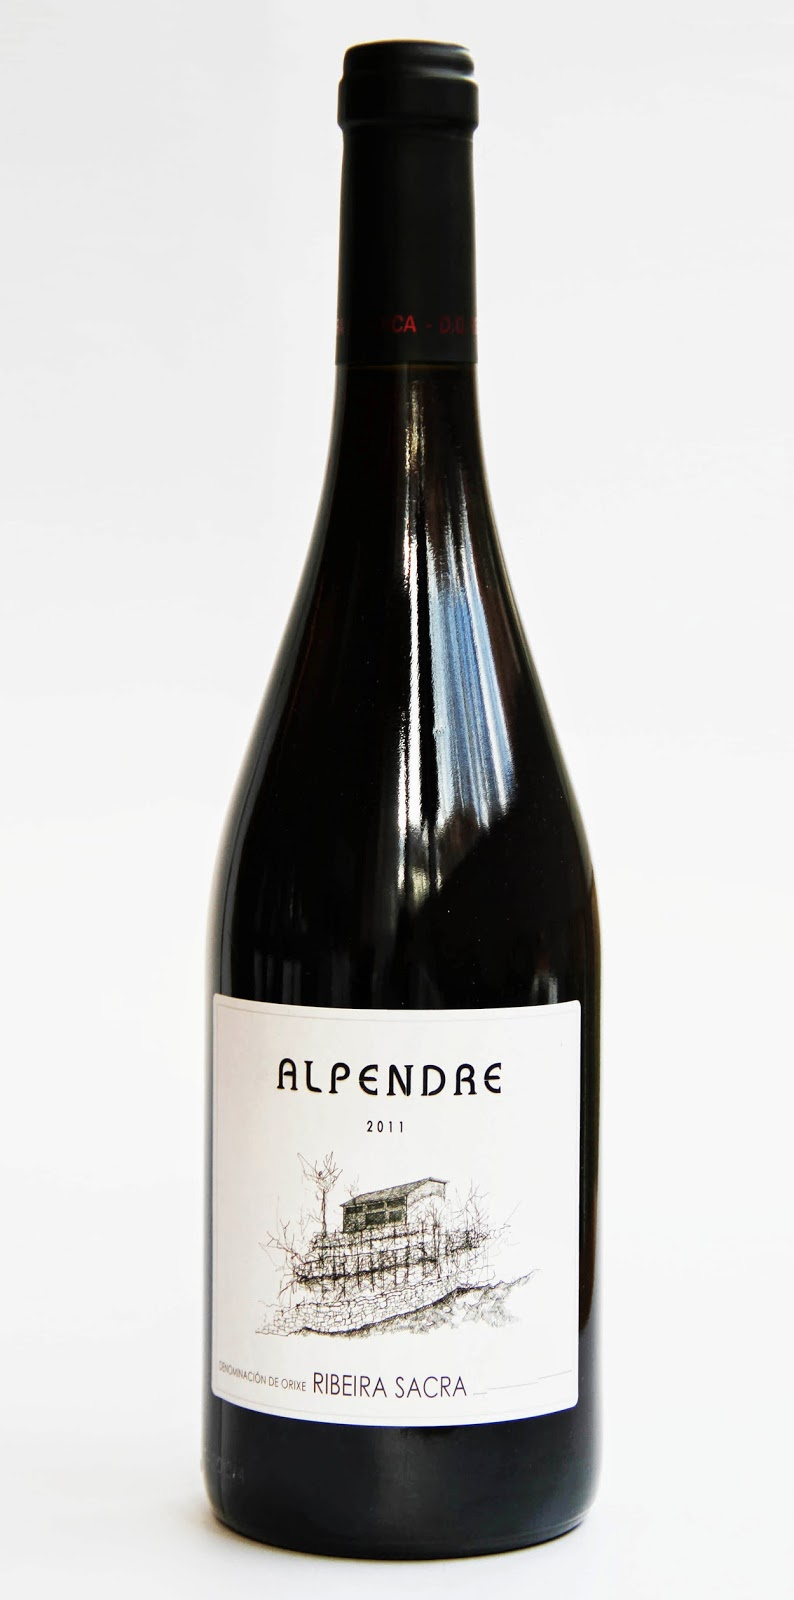 Alpendre 2011, D.o Ribeira Sacra